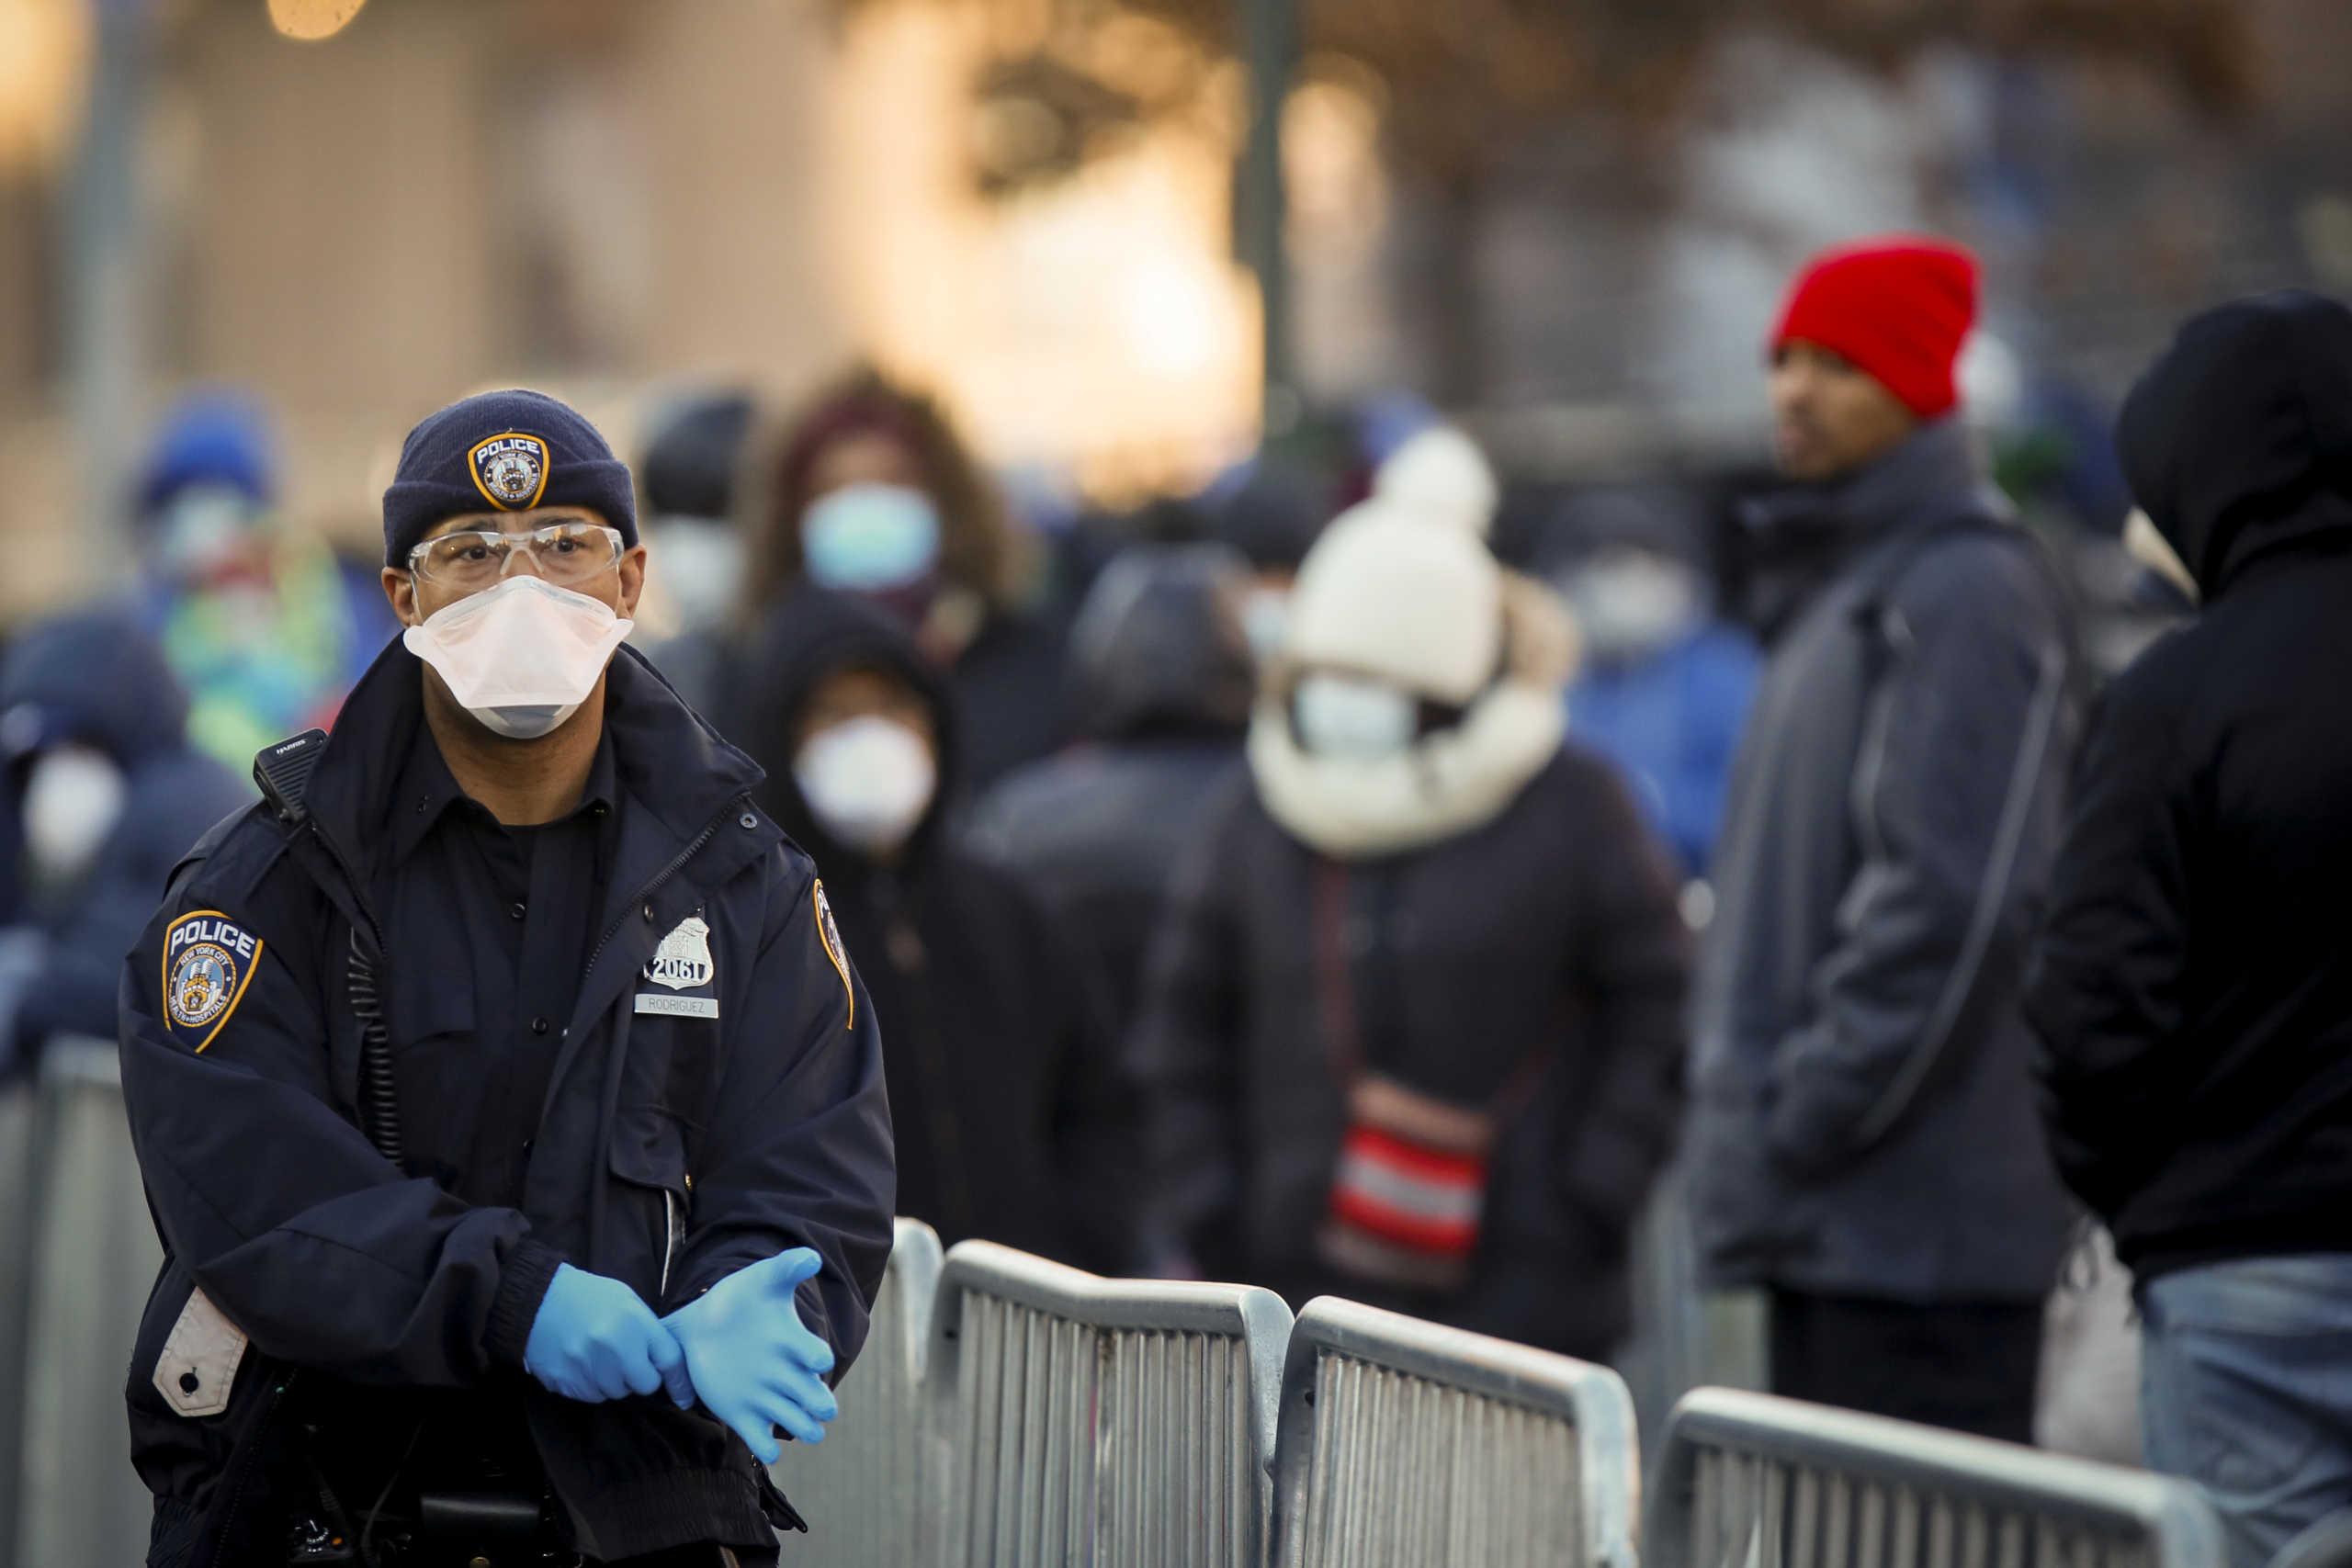 Θερίζει και στη Νέα Υόρκη ο κορονοϊός! 100 νεκροί σε μια ημέρα